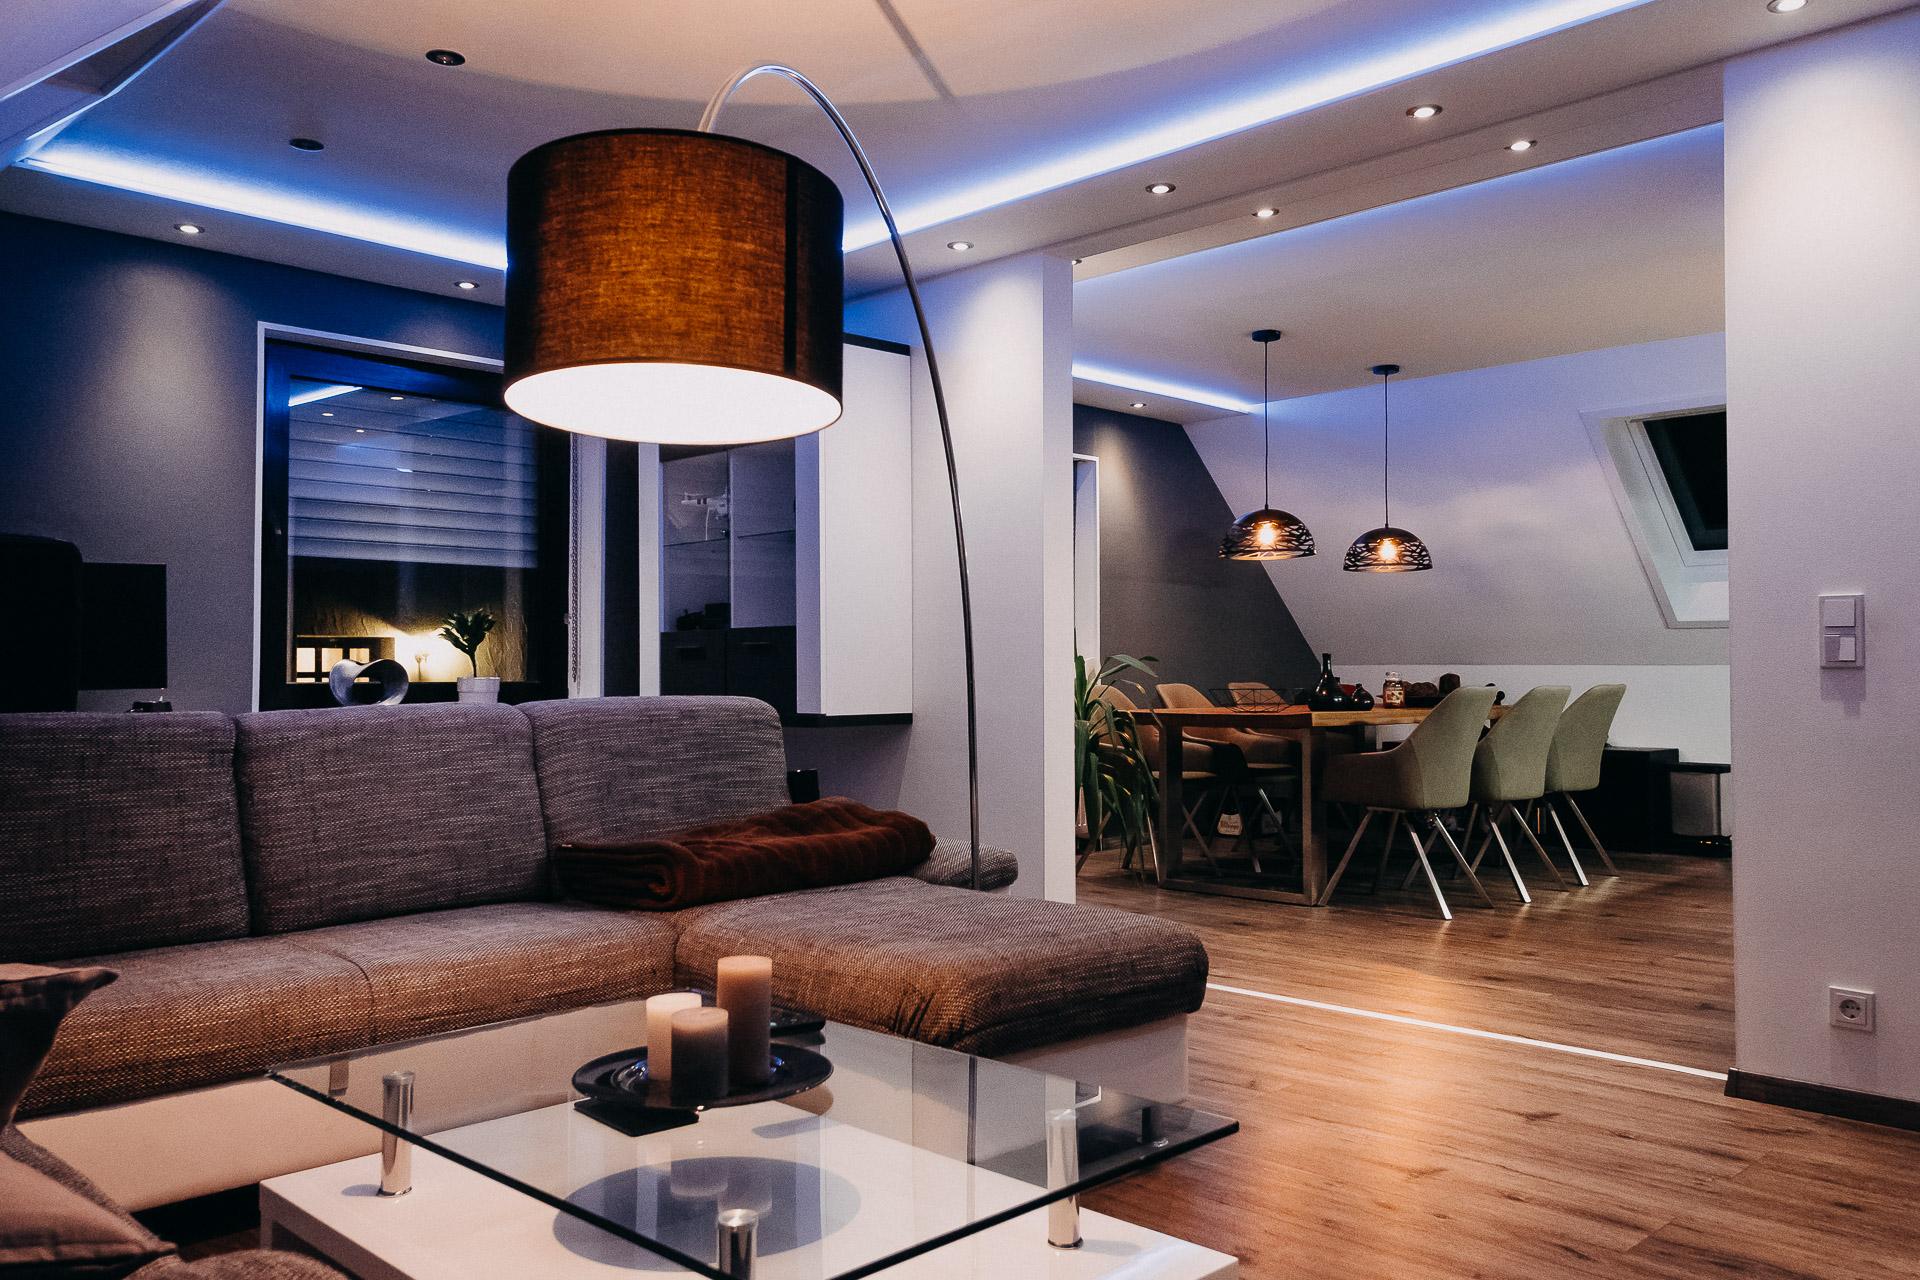 Full Size of Wohnzimmer Indirekte Beleuchtung Im Stehlampen Hängeschrank Weiß Hochglanz Led Küche Deckenlampen Wohnwand Wandbilder Pendelleuchte Deckenlampe Vinylboden Wohnzimmer Wohnzimmer Indirekte Beleuchtung